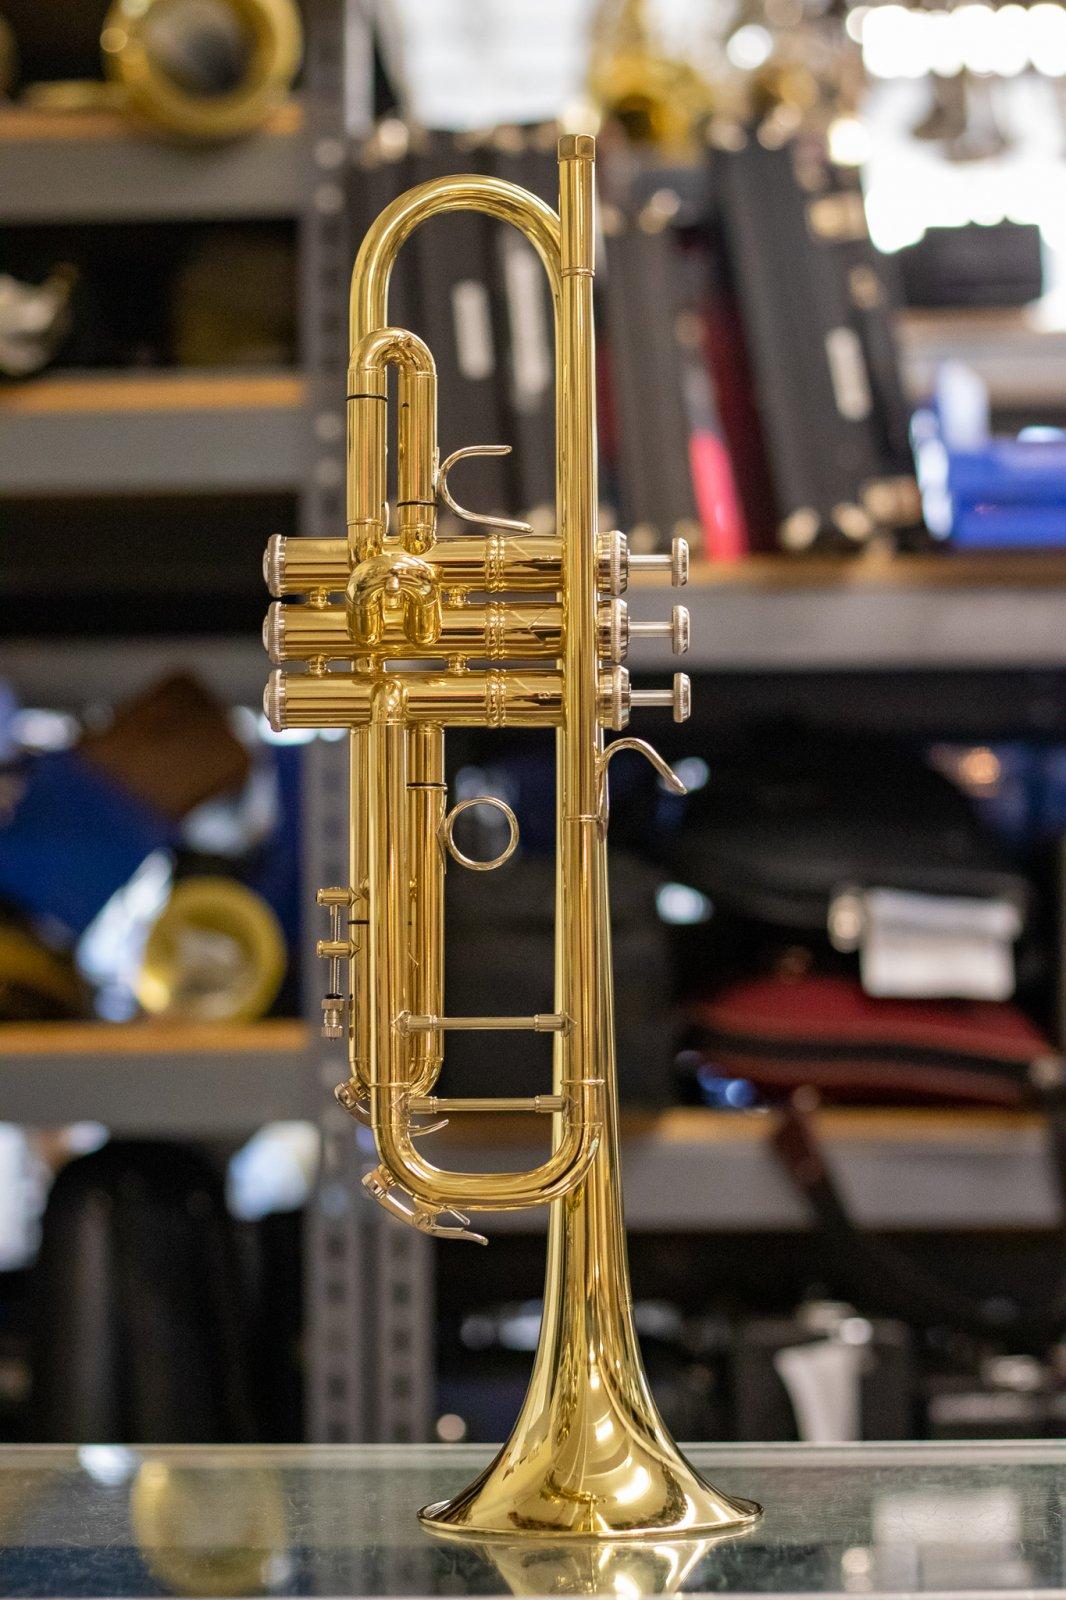 Midtown Brass - MT1 Trumpet